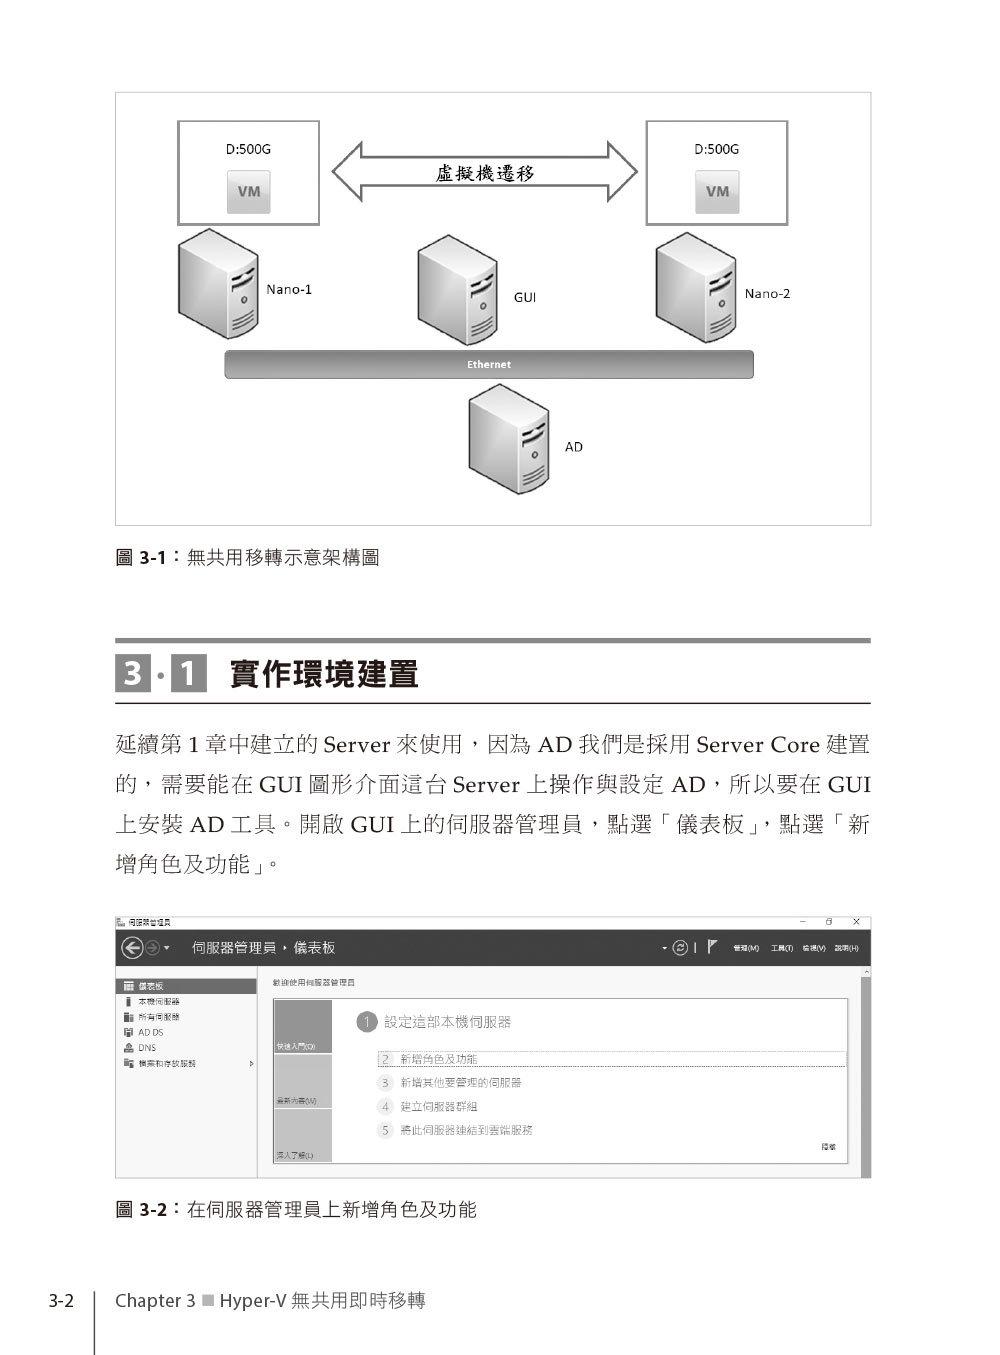 實戰高可用性 Hyper-V|使用 Nano Server 與 Server Core 建置永不停機系統-preview-3